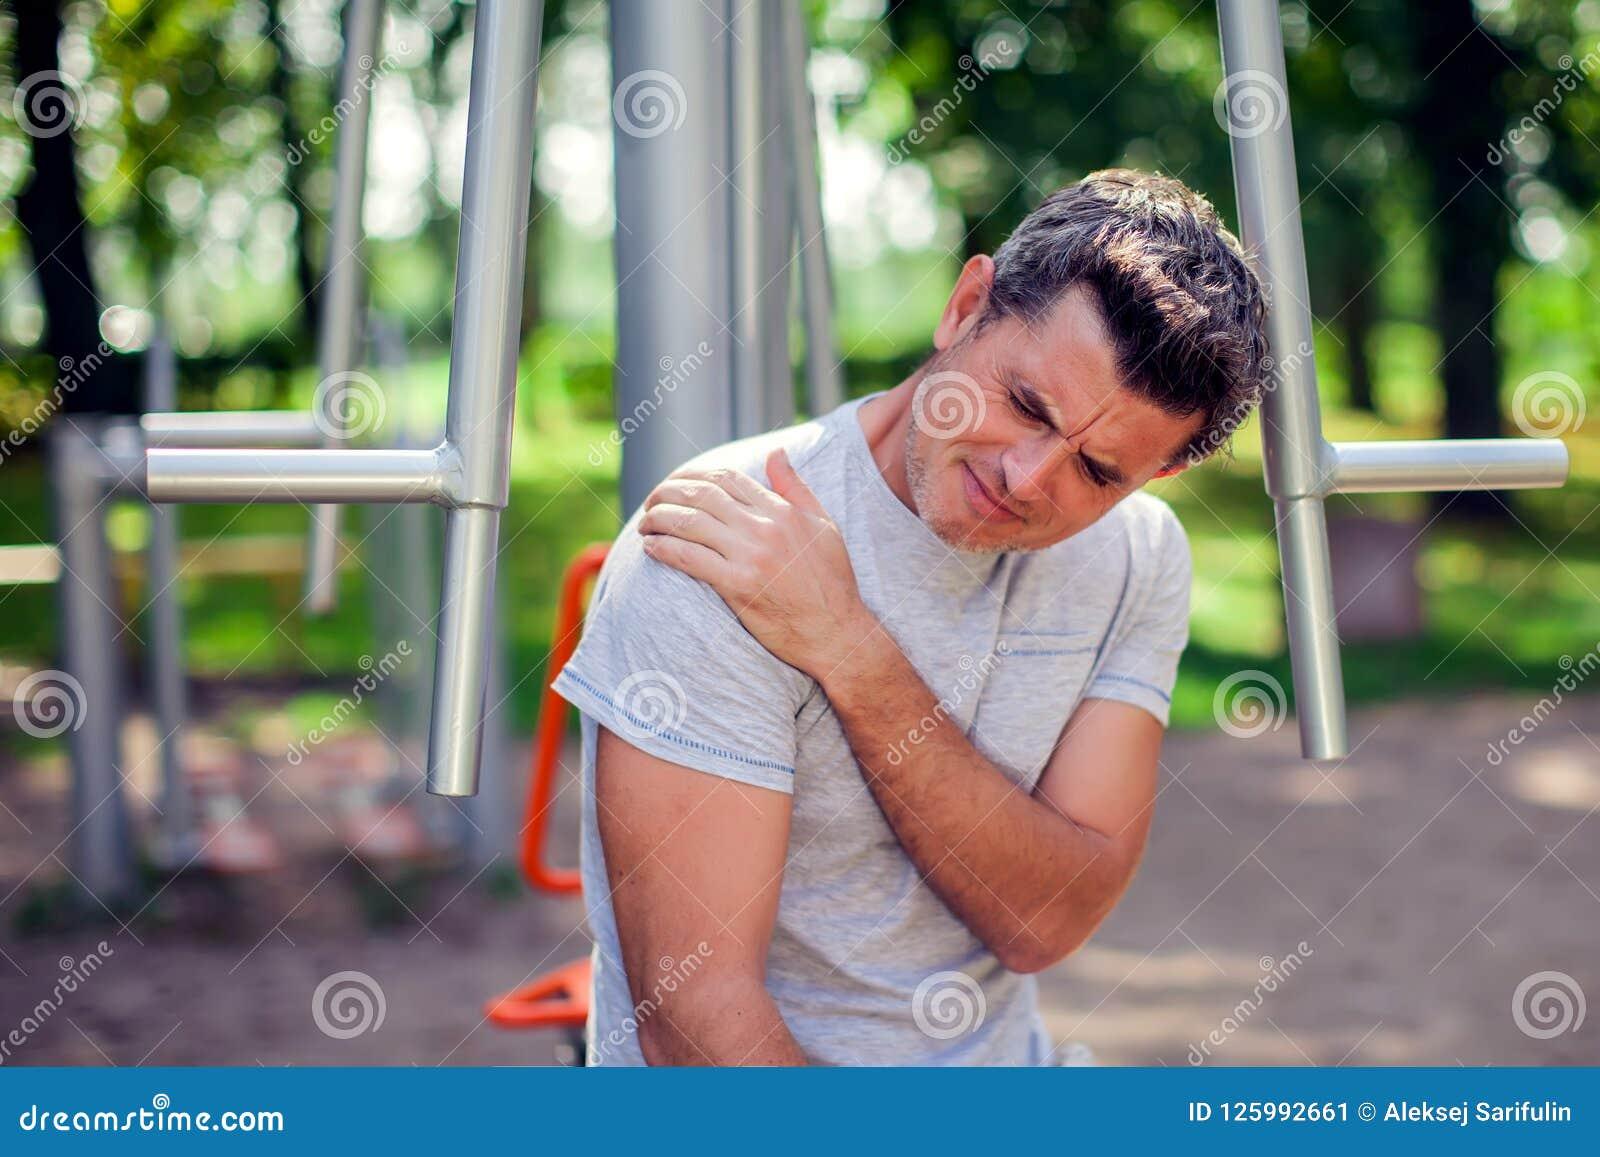 En mankänsla smärtar i hans skuldra under sport och genomkörare i t